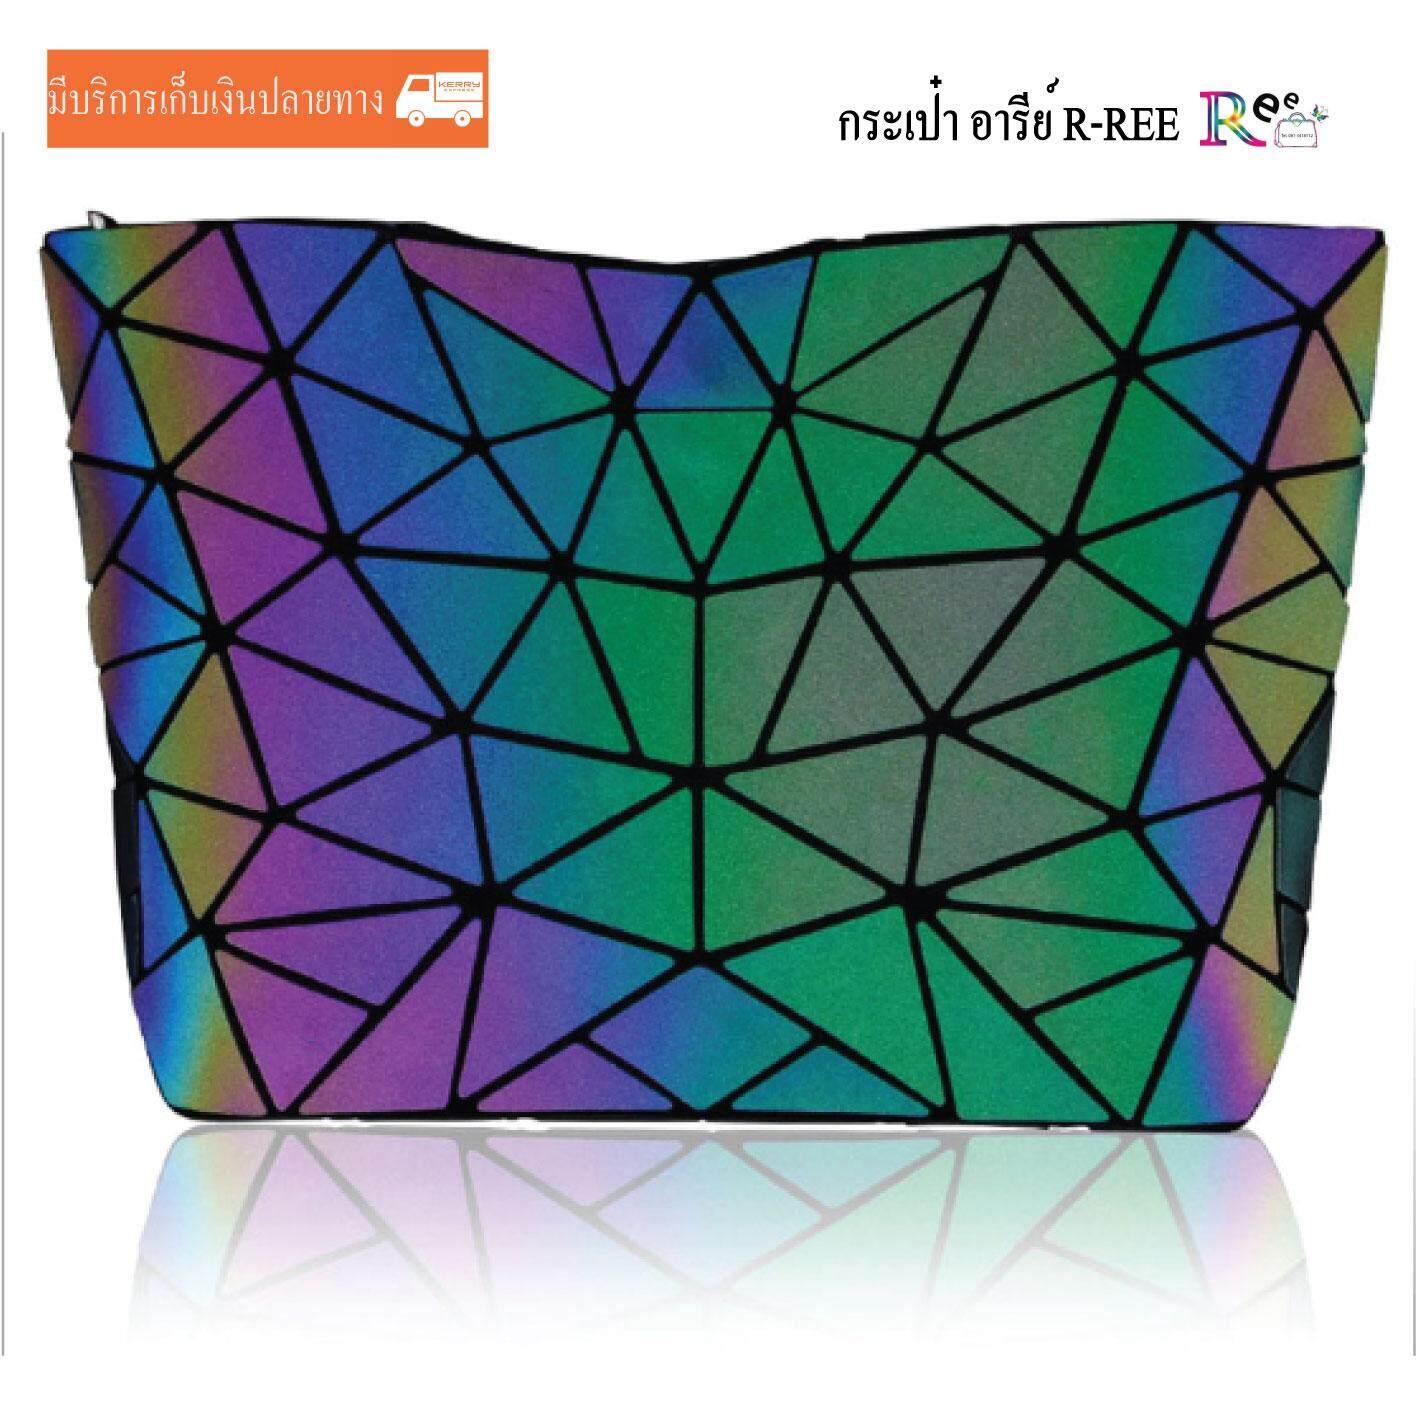 cf1c21053b ขาย BAO BAO ISSEY MIYAKE กระเป๋าผู้หญิง - ซื้อ กระเป๋าผู้หญิง พร้อม ...